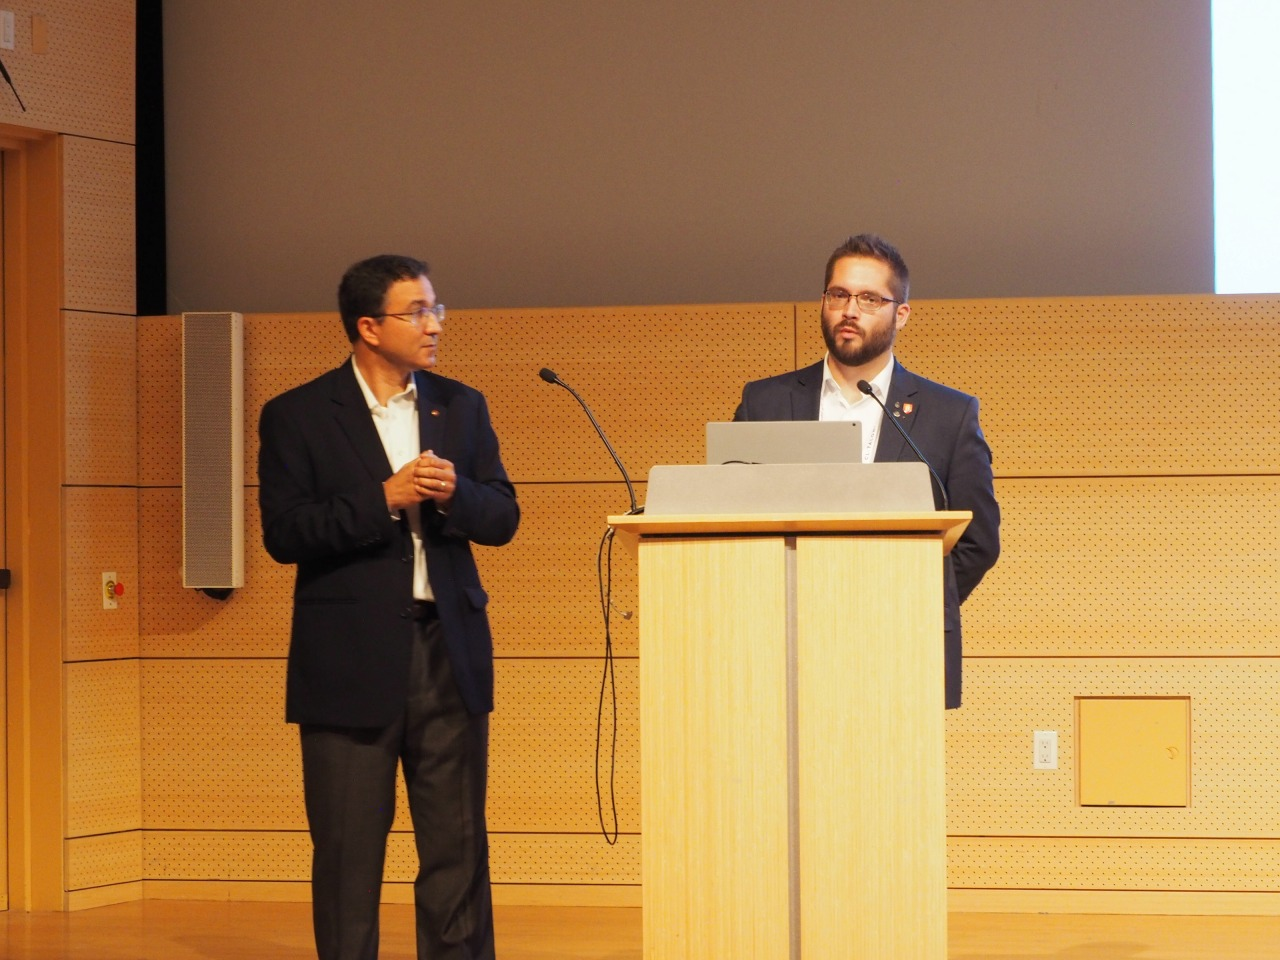 講演するジョナサン・スポデック教授(左)とクリストファー・ハリソン氏(右)(写真:家入龍太)